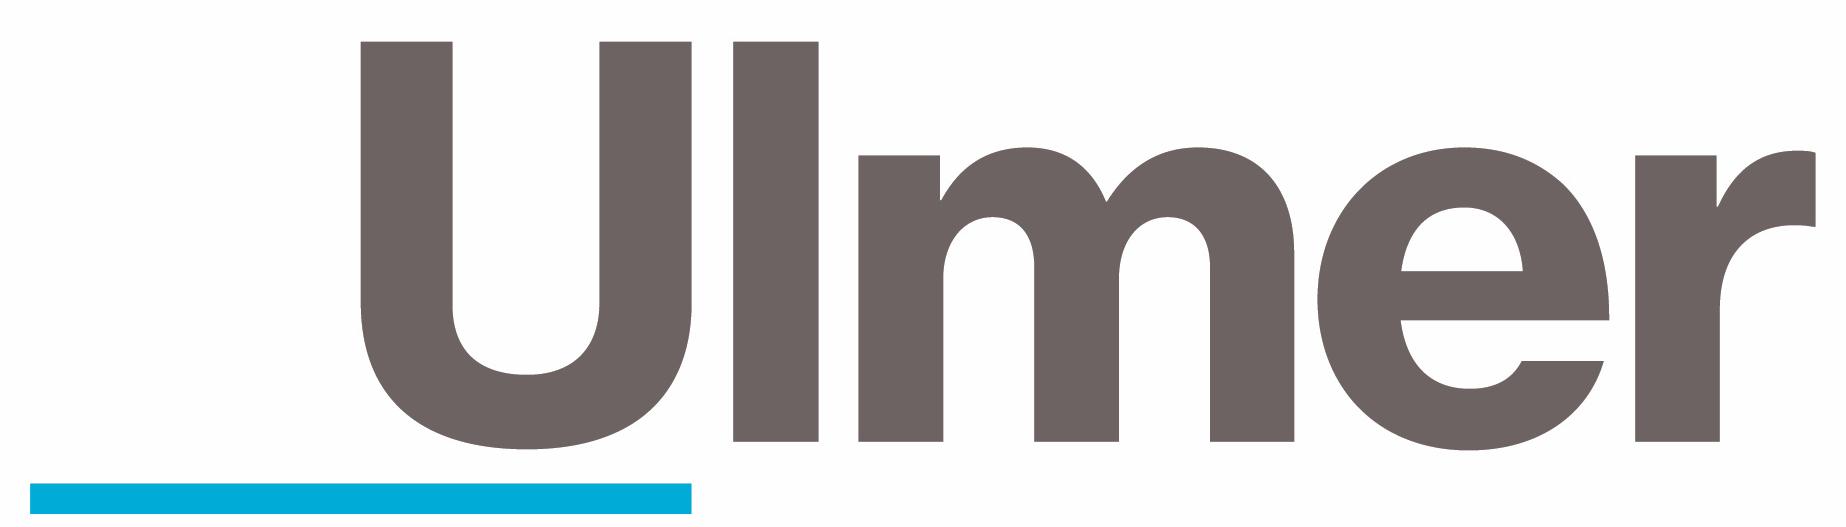 Ulmer & Berne logo